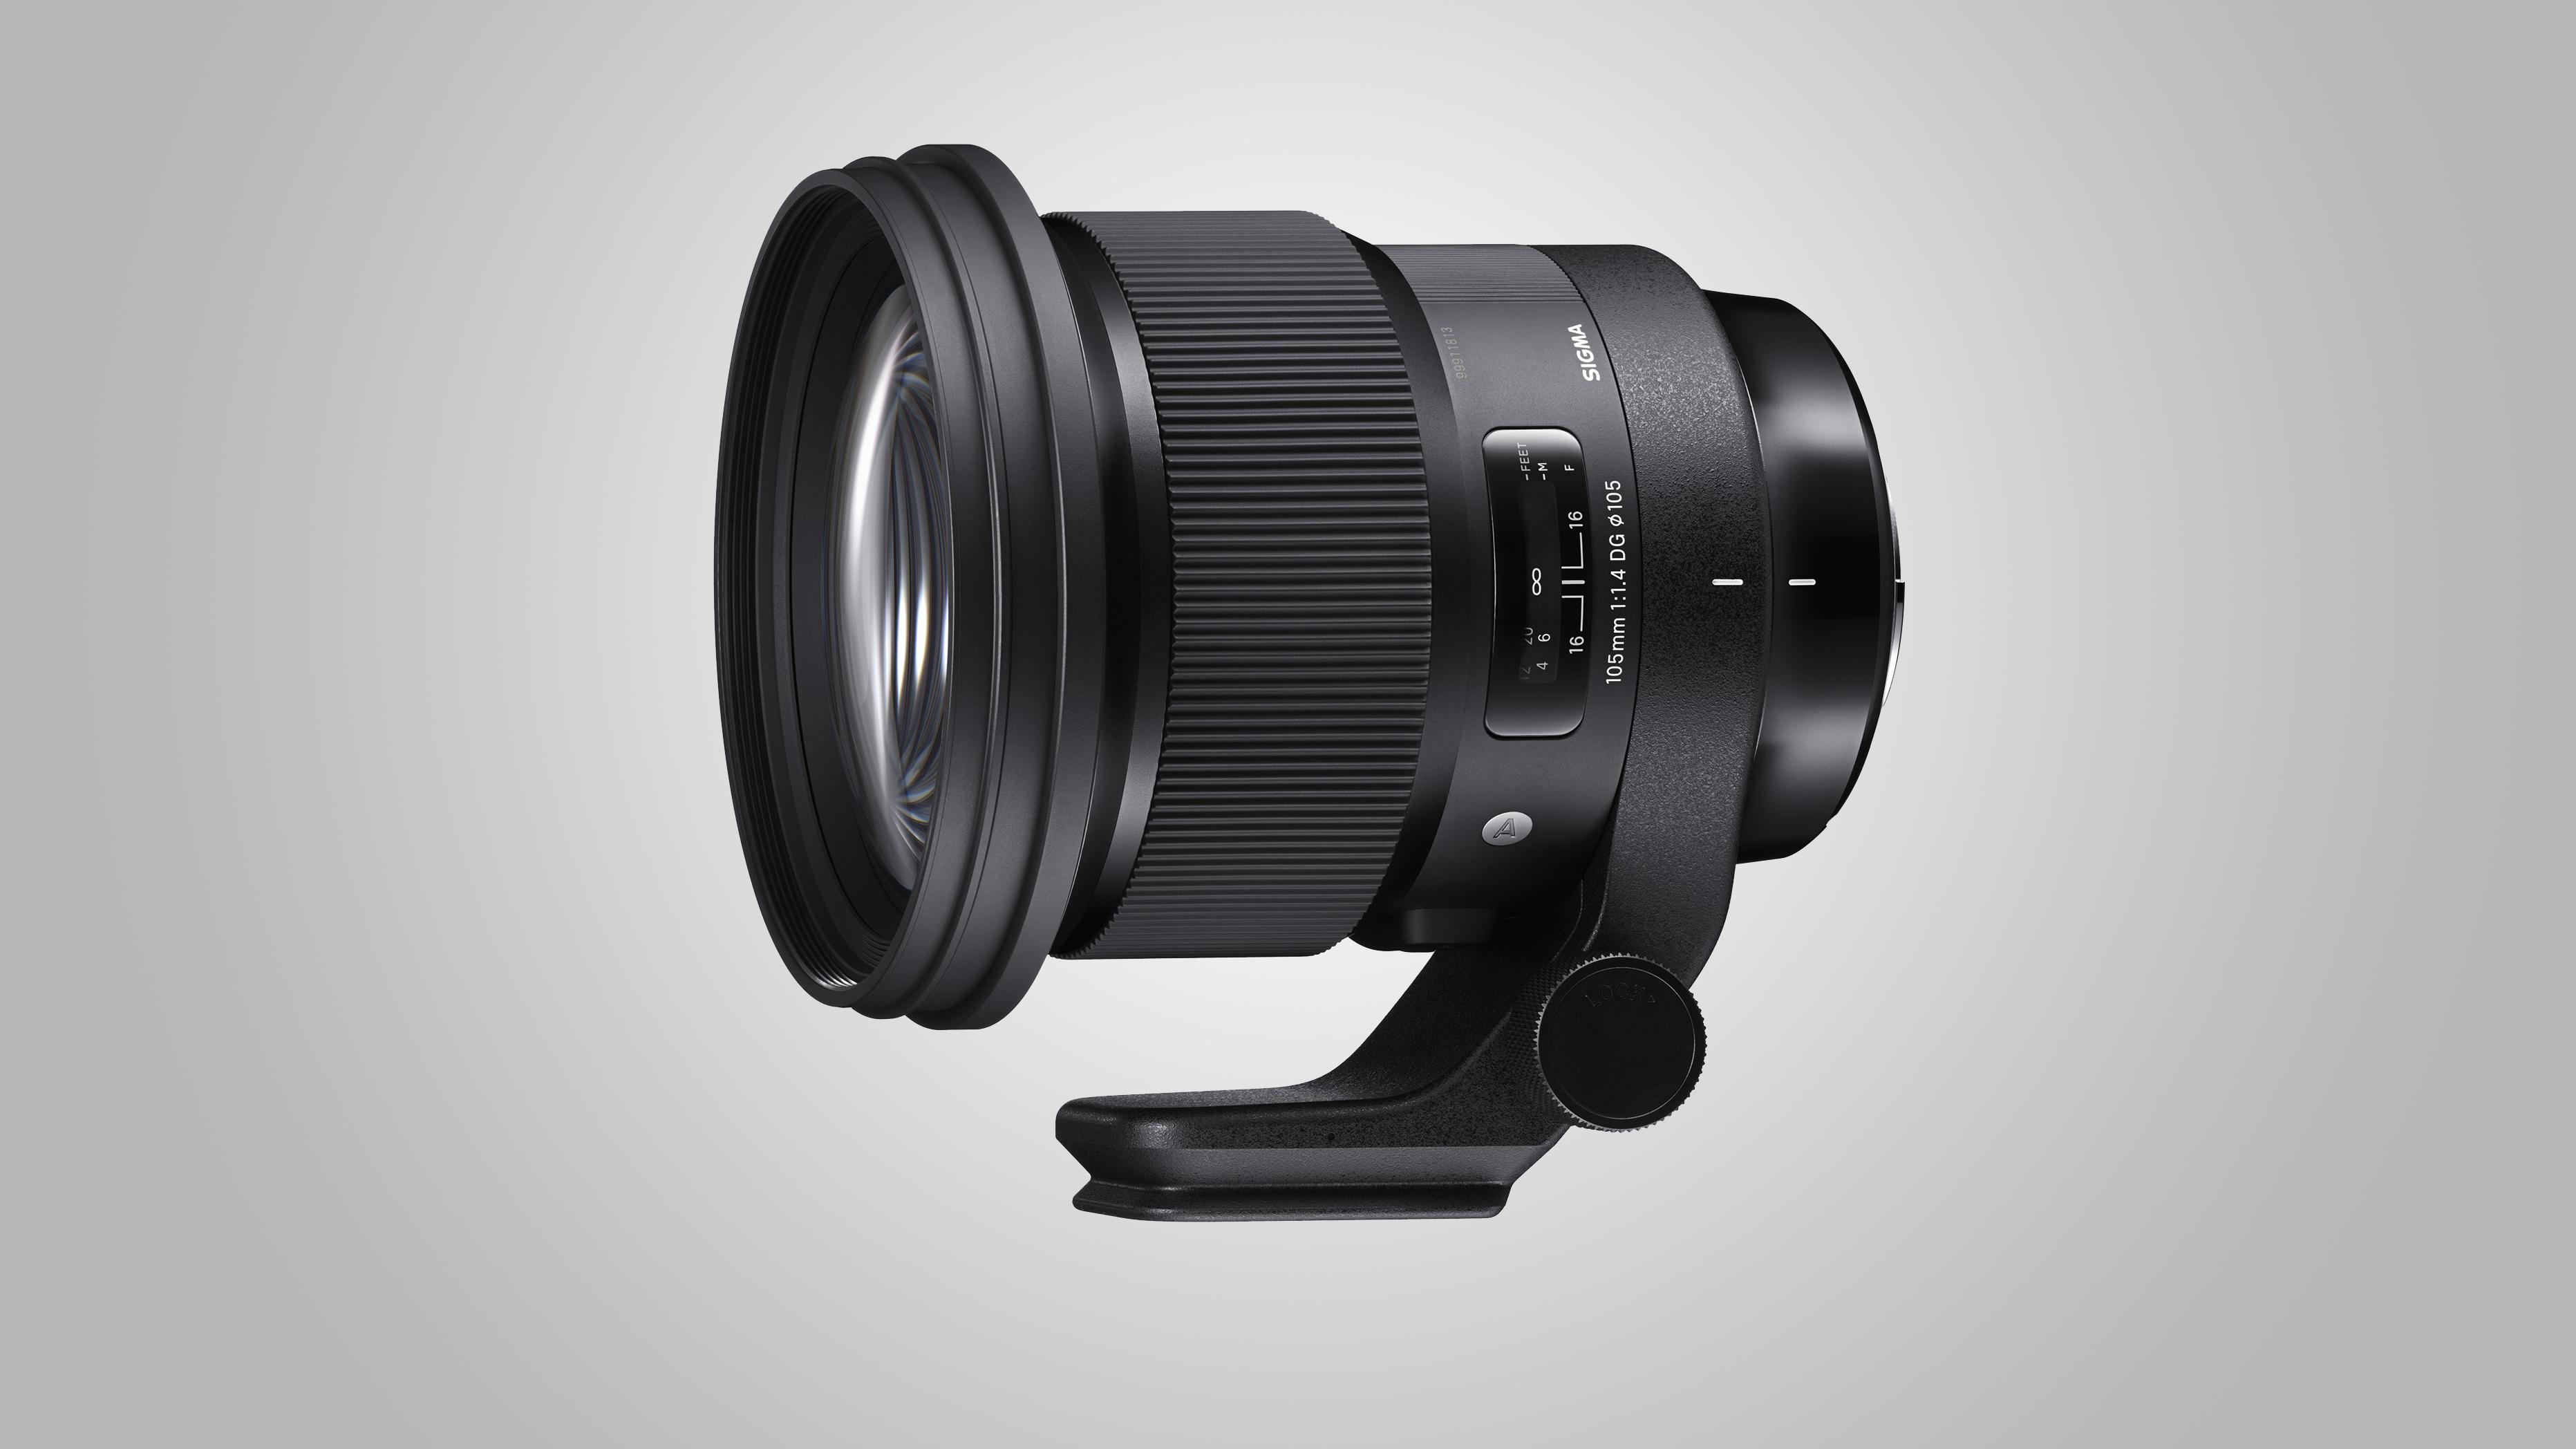 Sigma 105mm f/1.4 DG HSM | Art